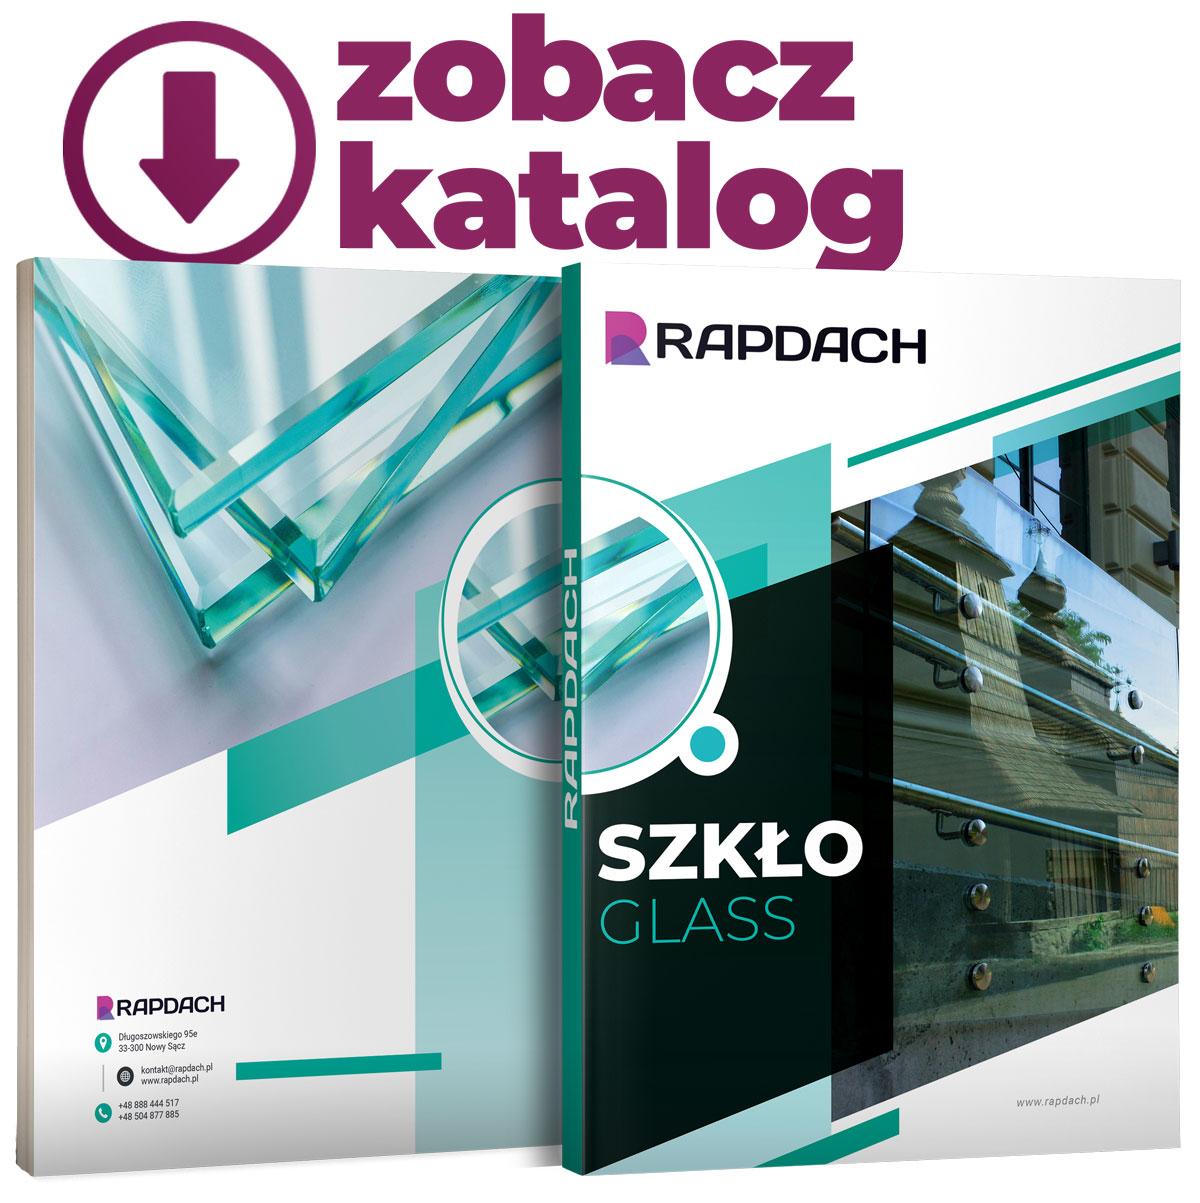 szkło-do-balustrad-katalog-rapdach2